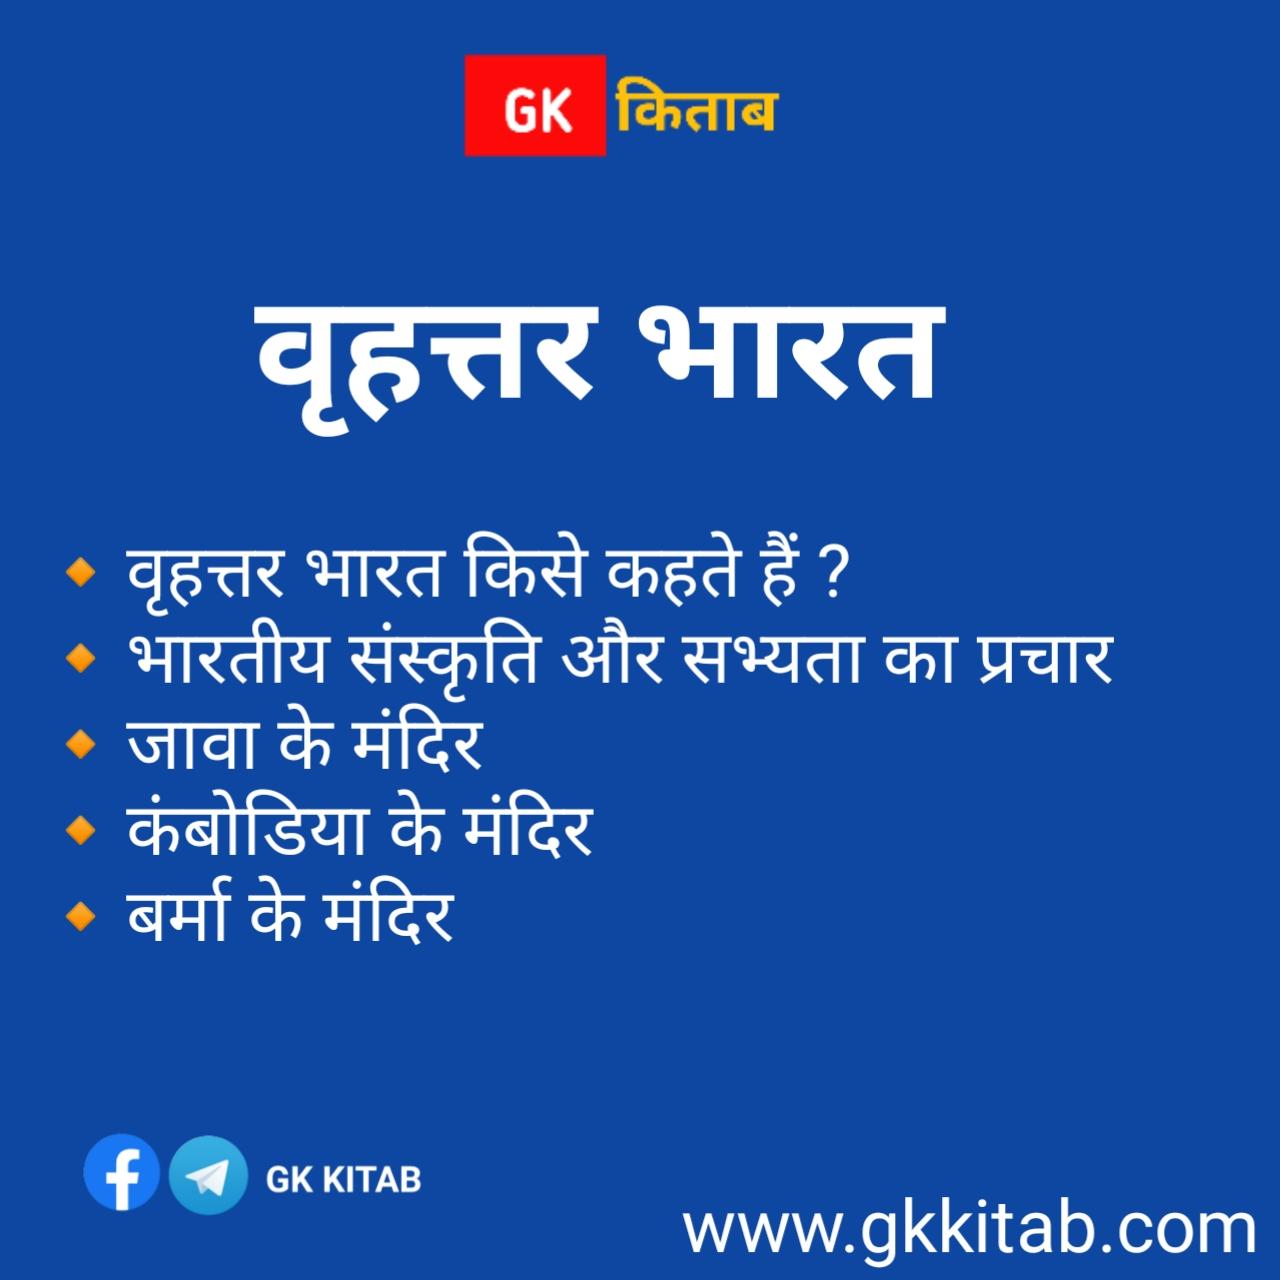 Vrhattar Bharat kise kahate Hain